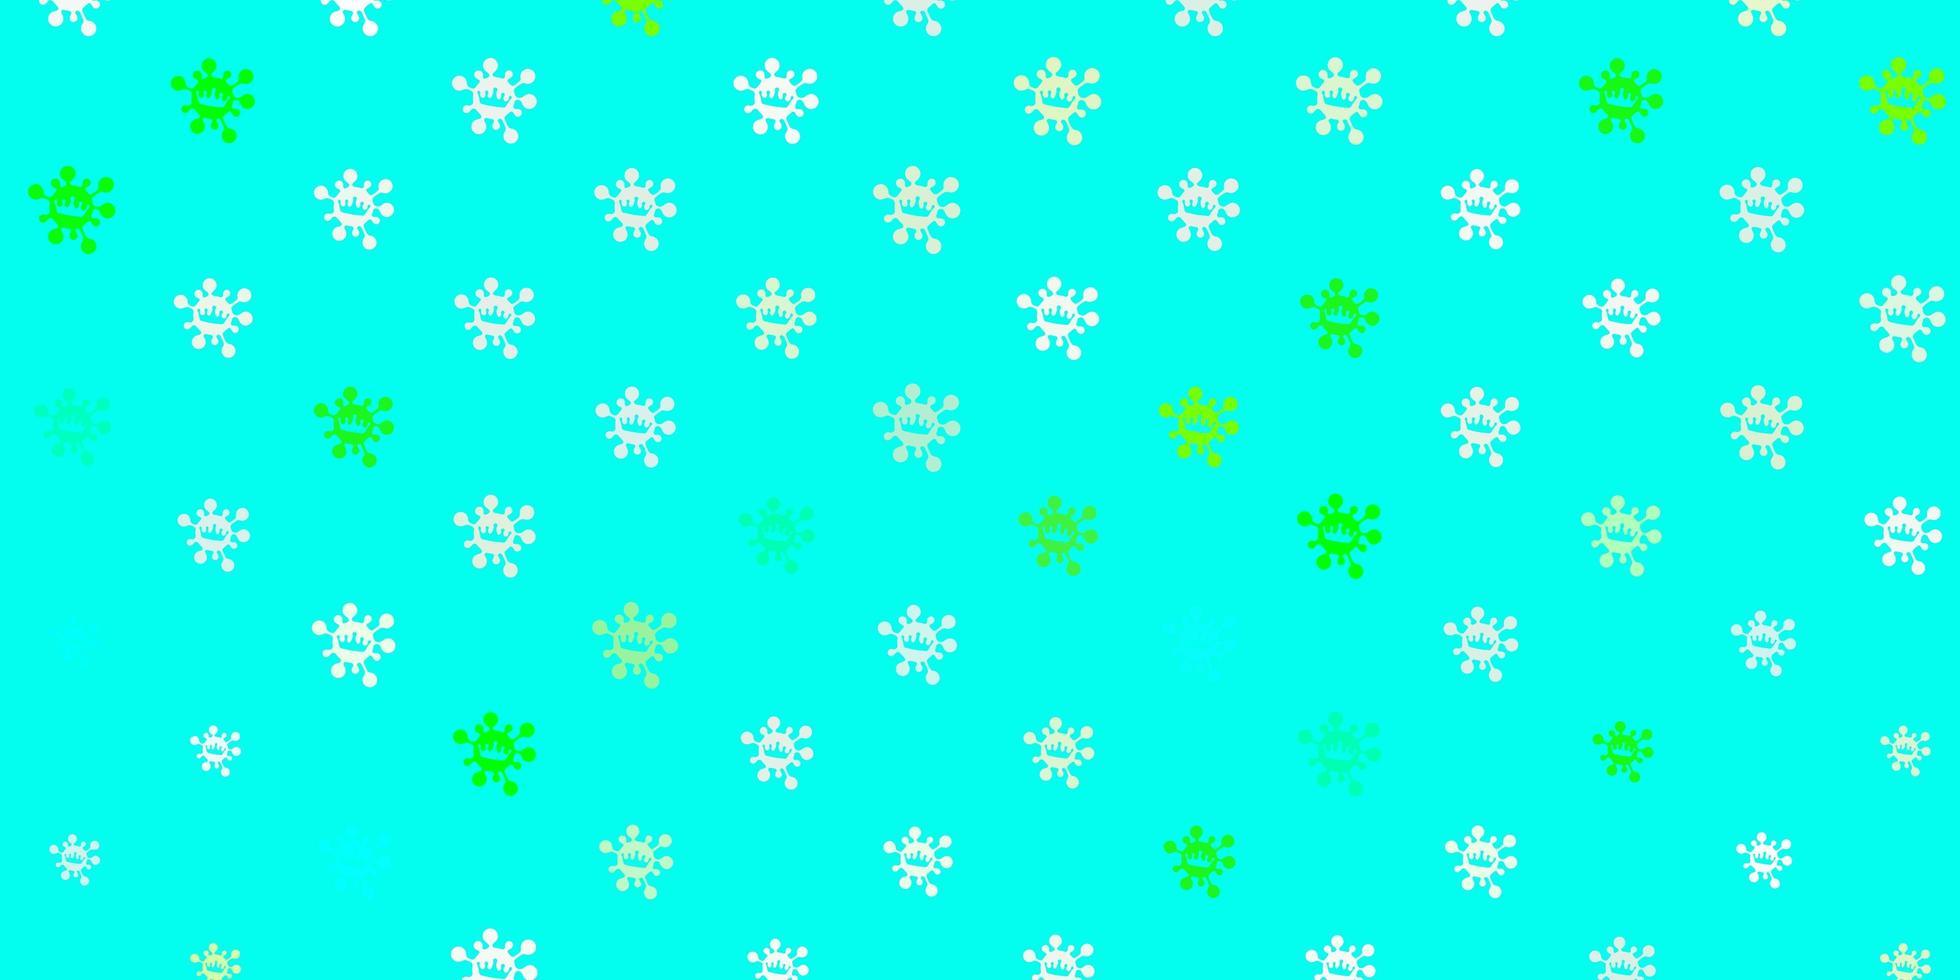 hellgrüne Vektorbeschaffenheit mit Krankheitssymbolen. vektor